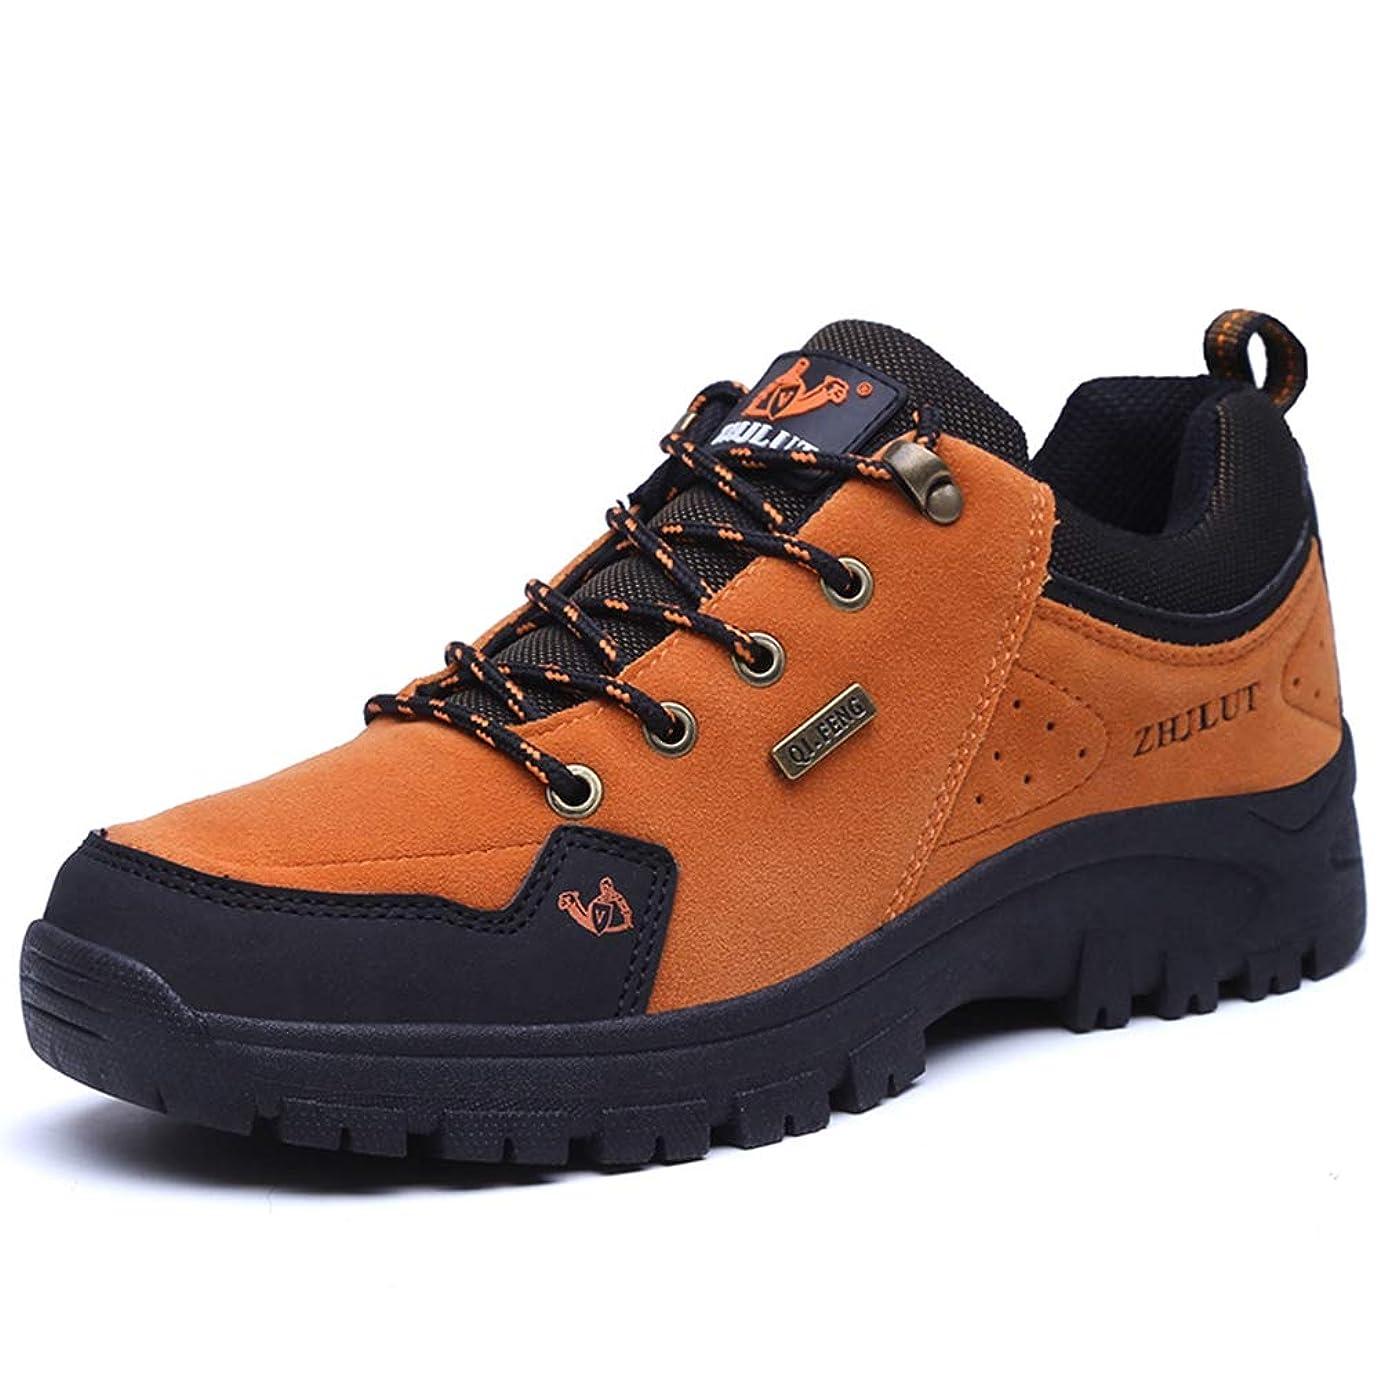 祈るそこから上がる大きいサイズ ハイキングシューズ メンズ トレッキング 登山靴 防滑 通気性 軽い 防水 アウトドア ウォーキング 耐磨耗 レースアップ ハイカット 黒 グレー ダークグリーン 27cm